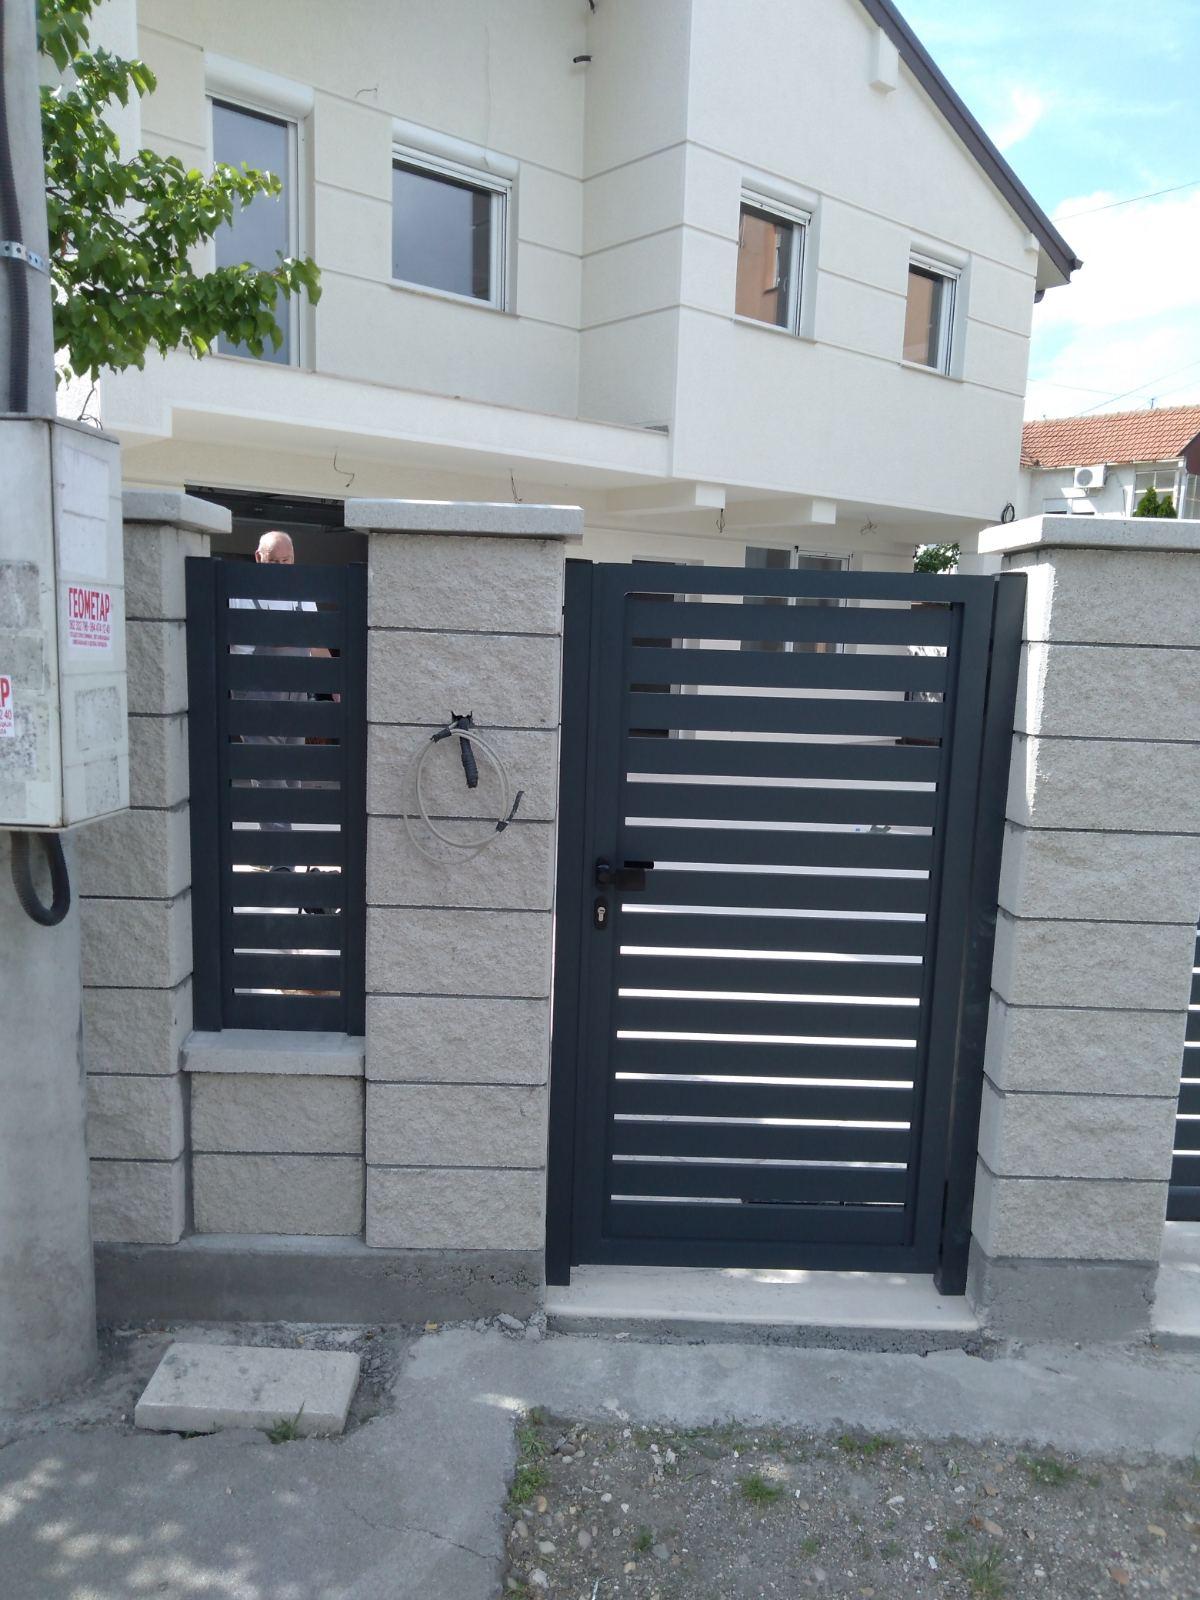 Aluminijumske kapije antracit